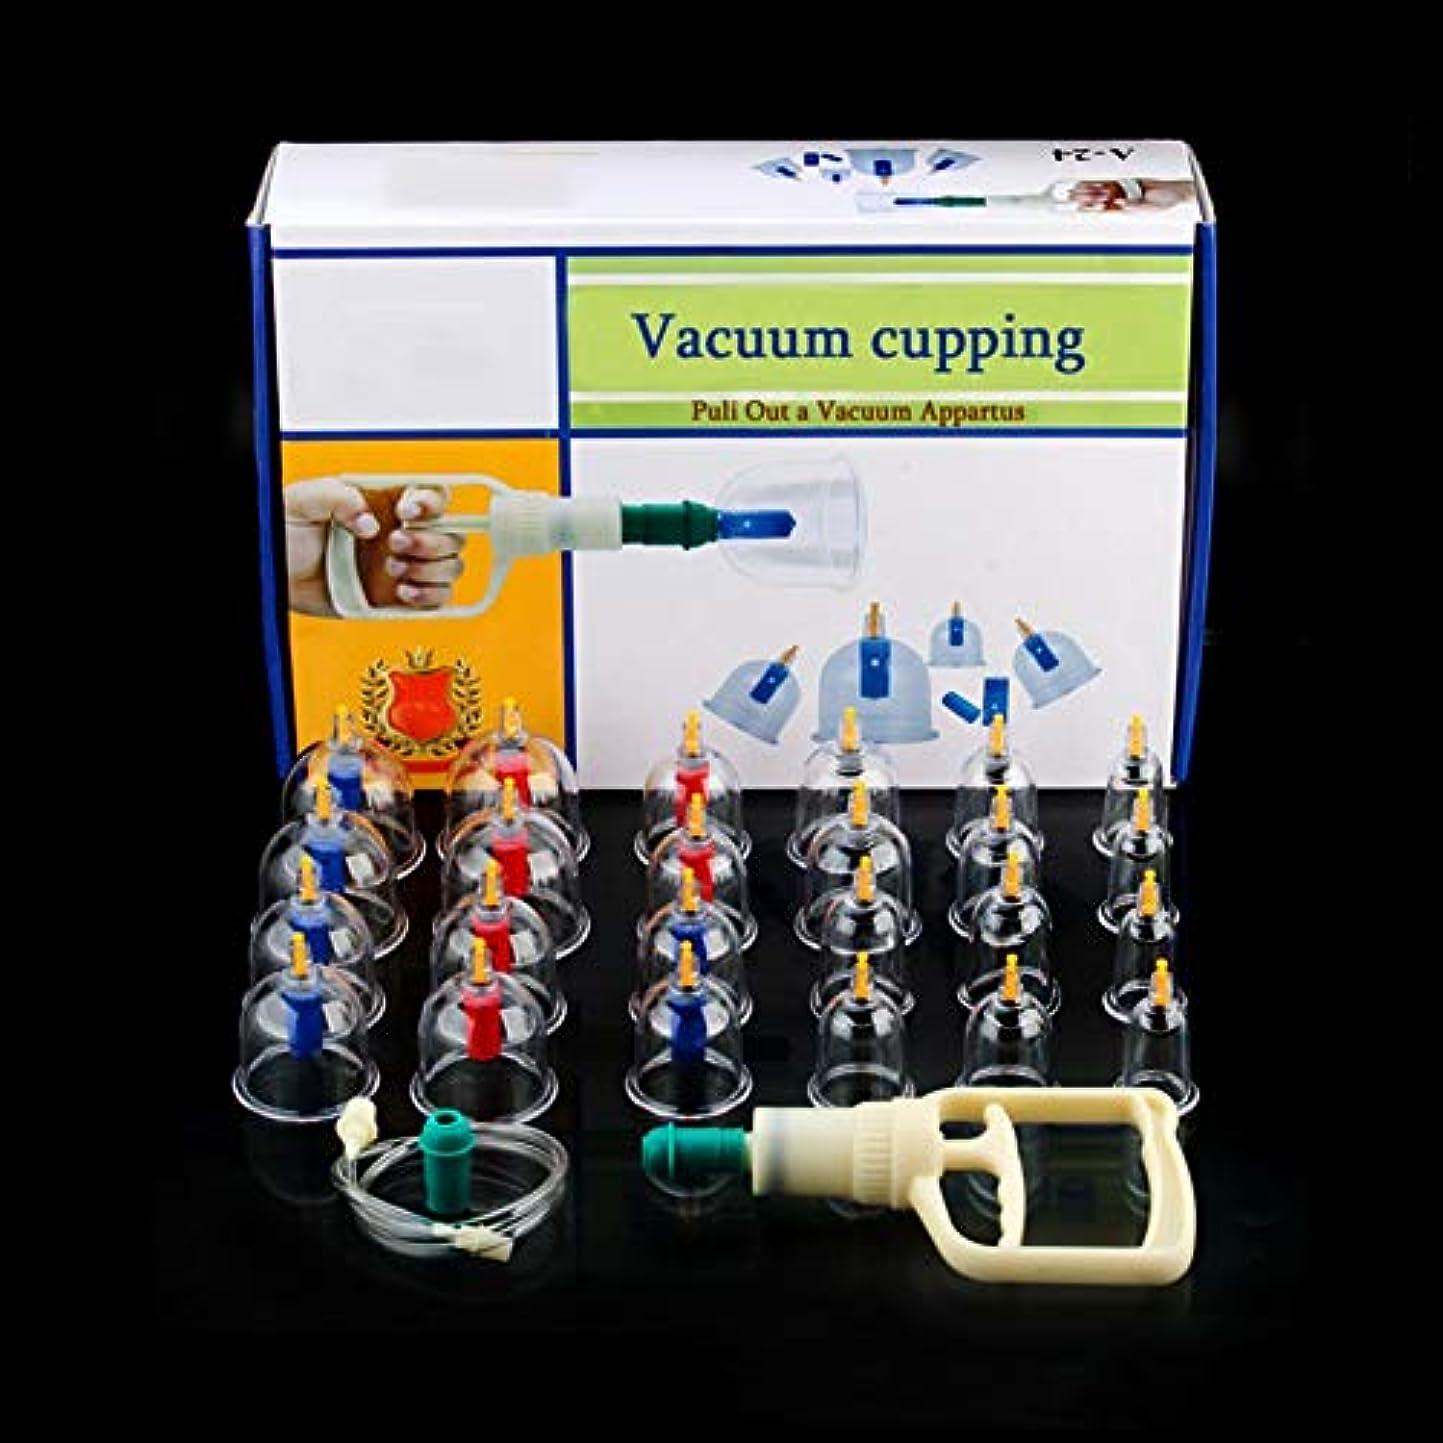 仕えるファランクス技術カッピング セット プハン治療 カッピングポンプ 吸引器カッピング用カップ、シリコン、筋肉、関節痛、セルライト用真空吸引(24pcs)